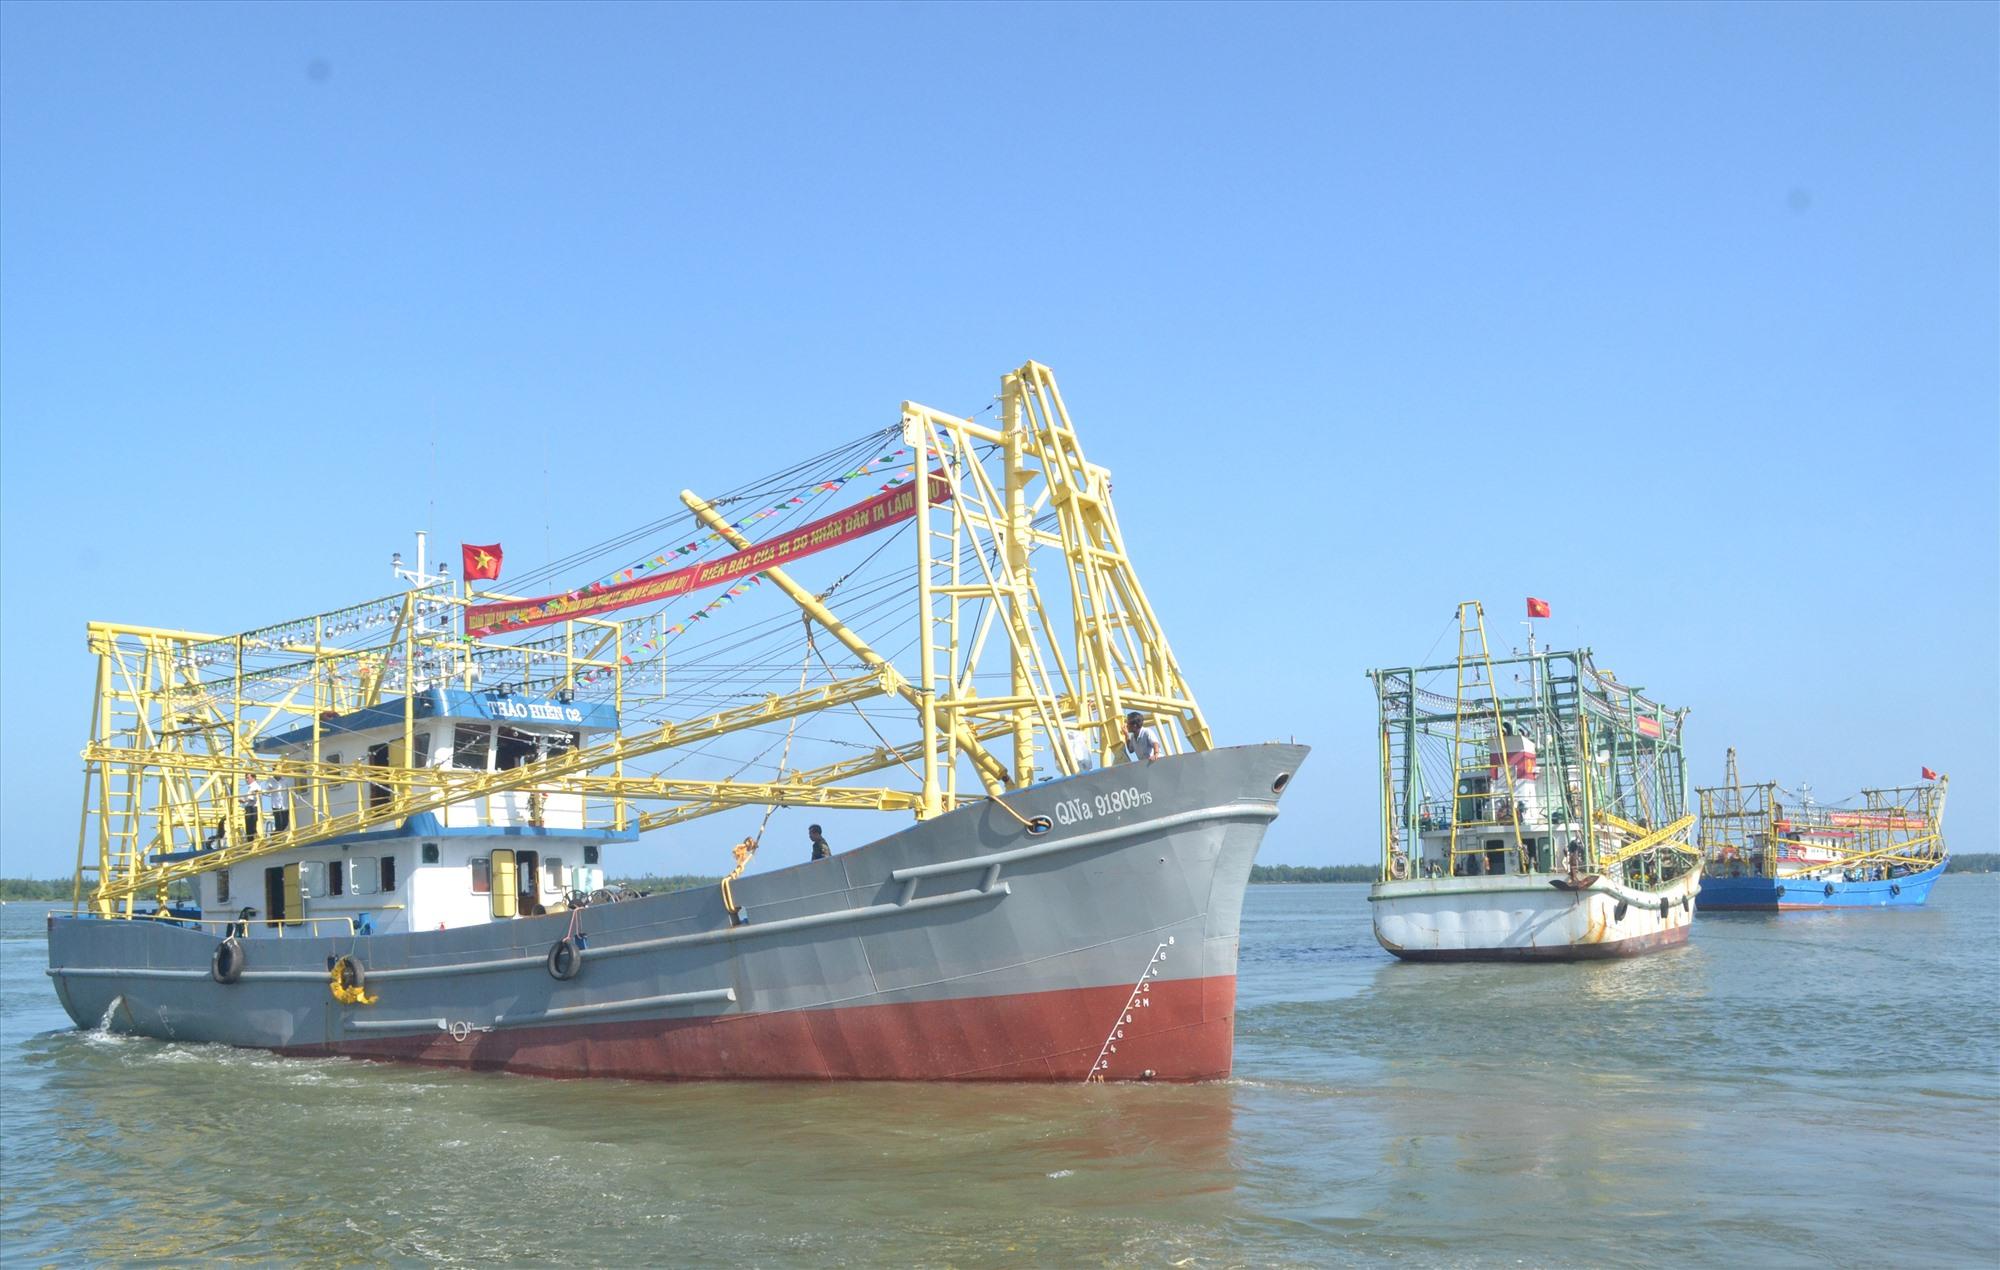 """""""Tàu 67"""" cần được bảo hiểm để hạn chế phát sinh nợ xấu của ngân hàng thương mại cho ngư dân vay vốn đóng tàu. Ảnh: V.NGUYỄN"""